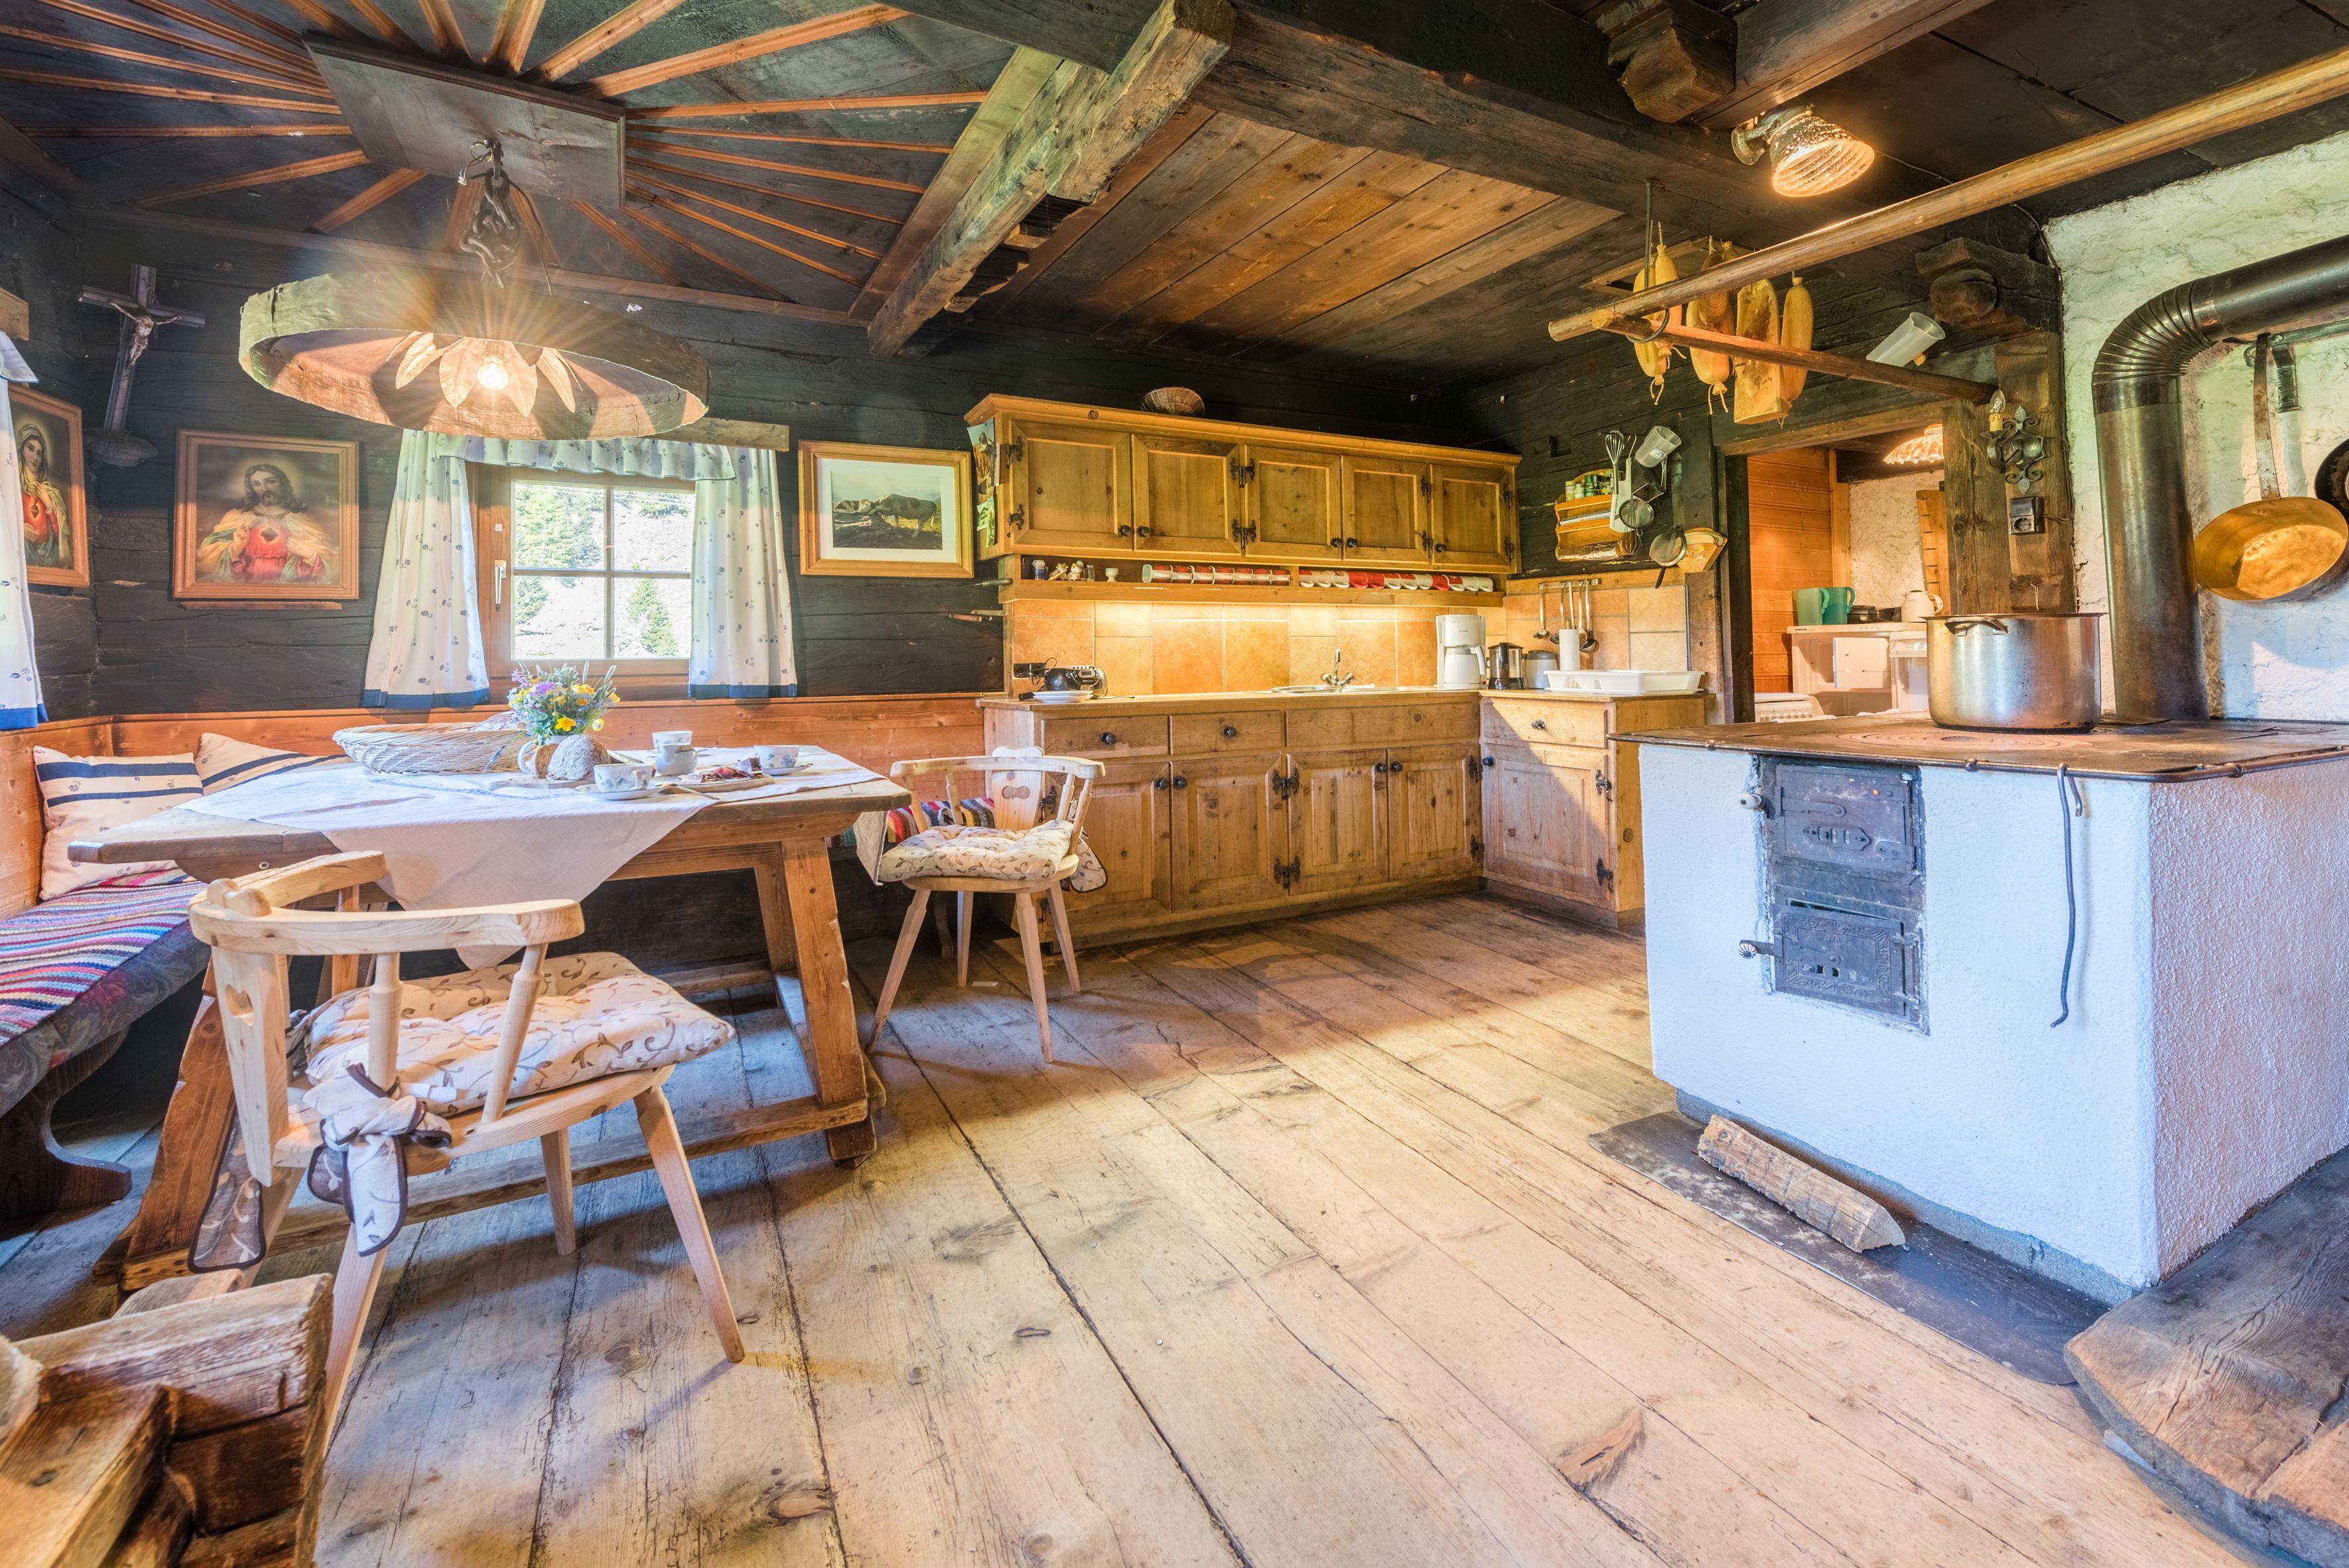 Hutte Mieten In Tirol In 2020 Altes Haus Renovieren Hutte Mieten Altes Haus